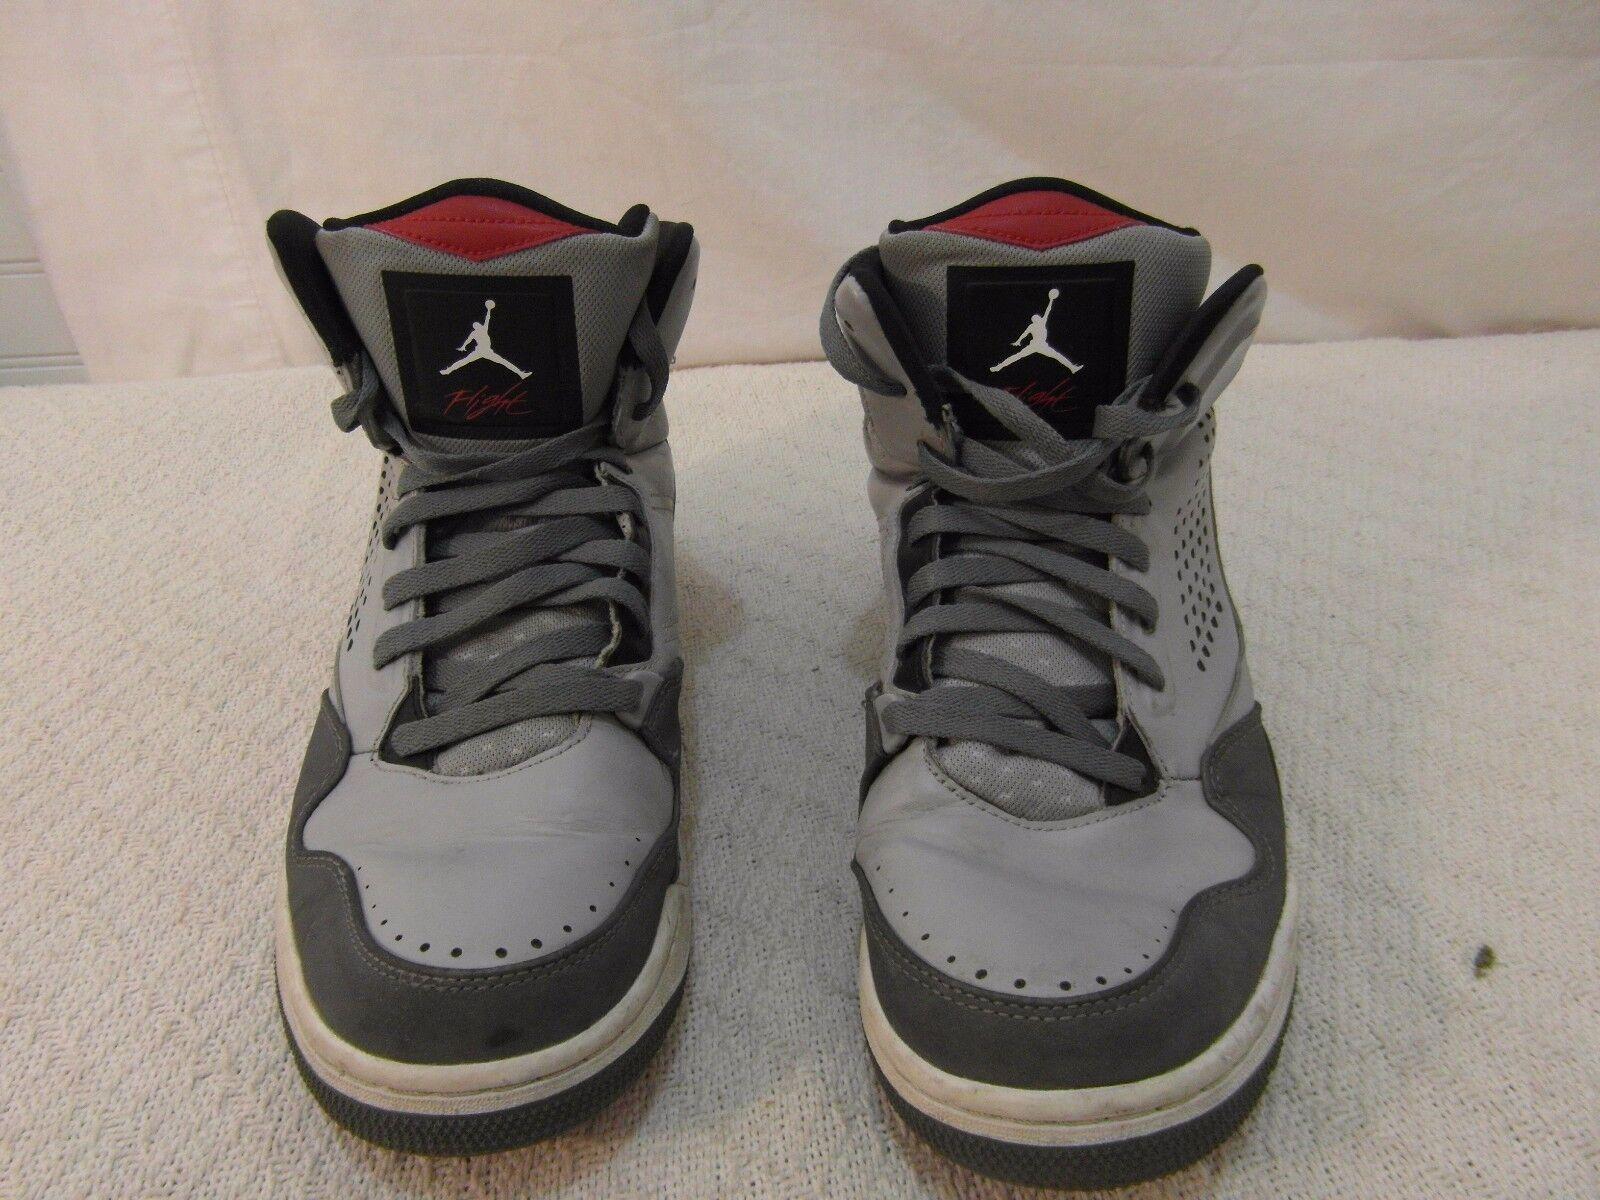 Muy raros los hombres de Nike jordan Air jordan Nike flight gris negro 10,5 Basketball zapatos tenis el mas popular de zapatos para hombres y mujeres 2b51b6